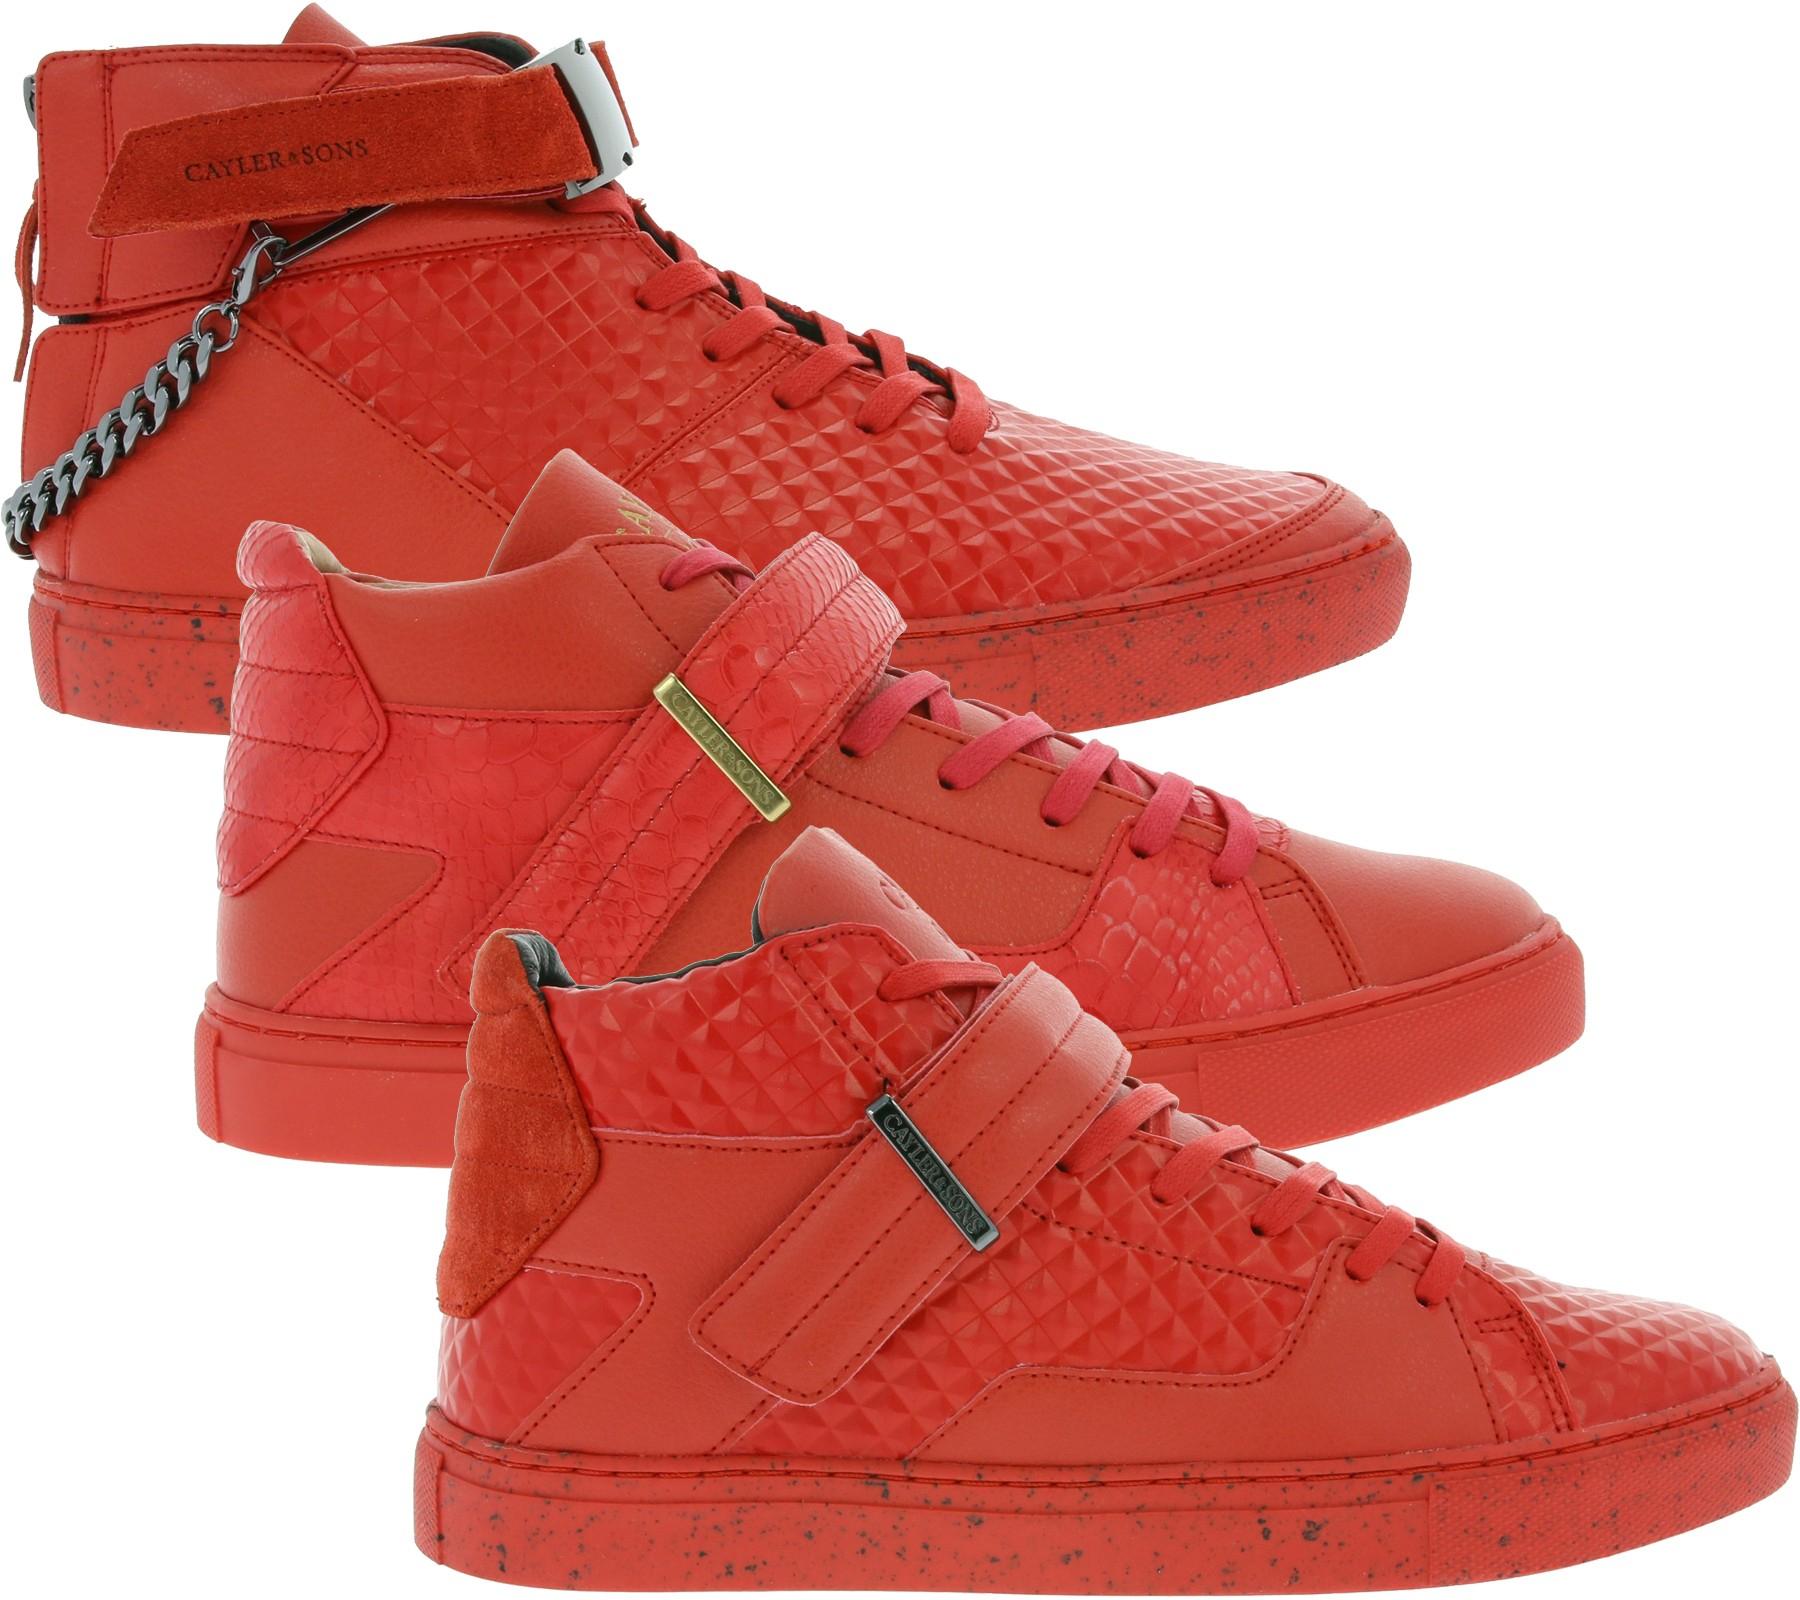 [Outlet46] CAYLER & SONS Sashimi Hamachi Herren Sneaker in verschiedenen Modellen für 22,99€